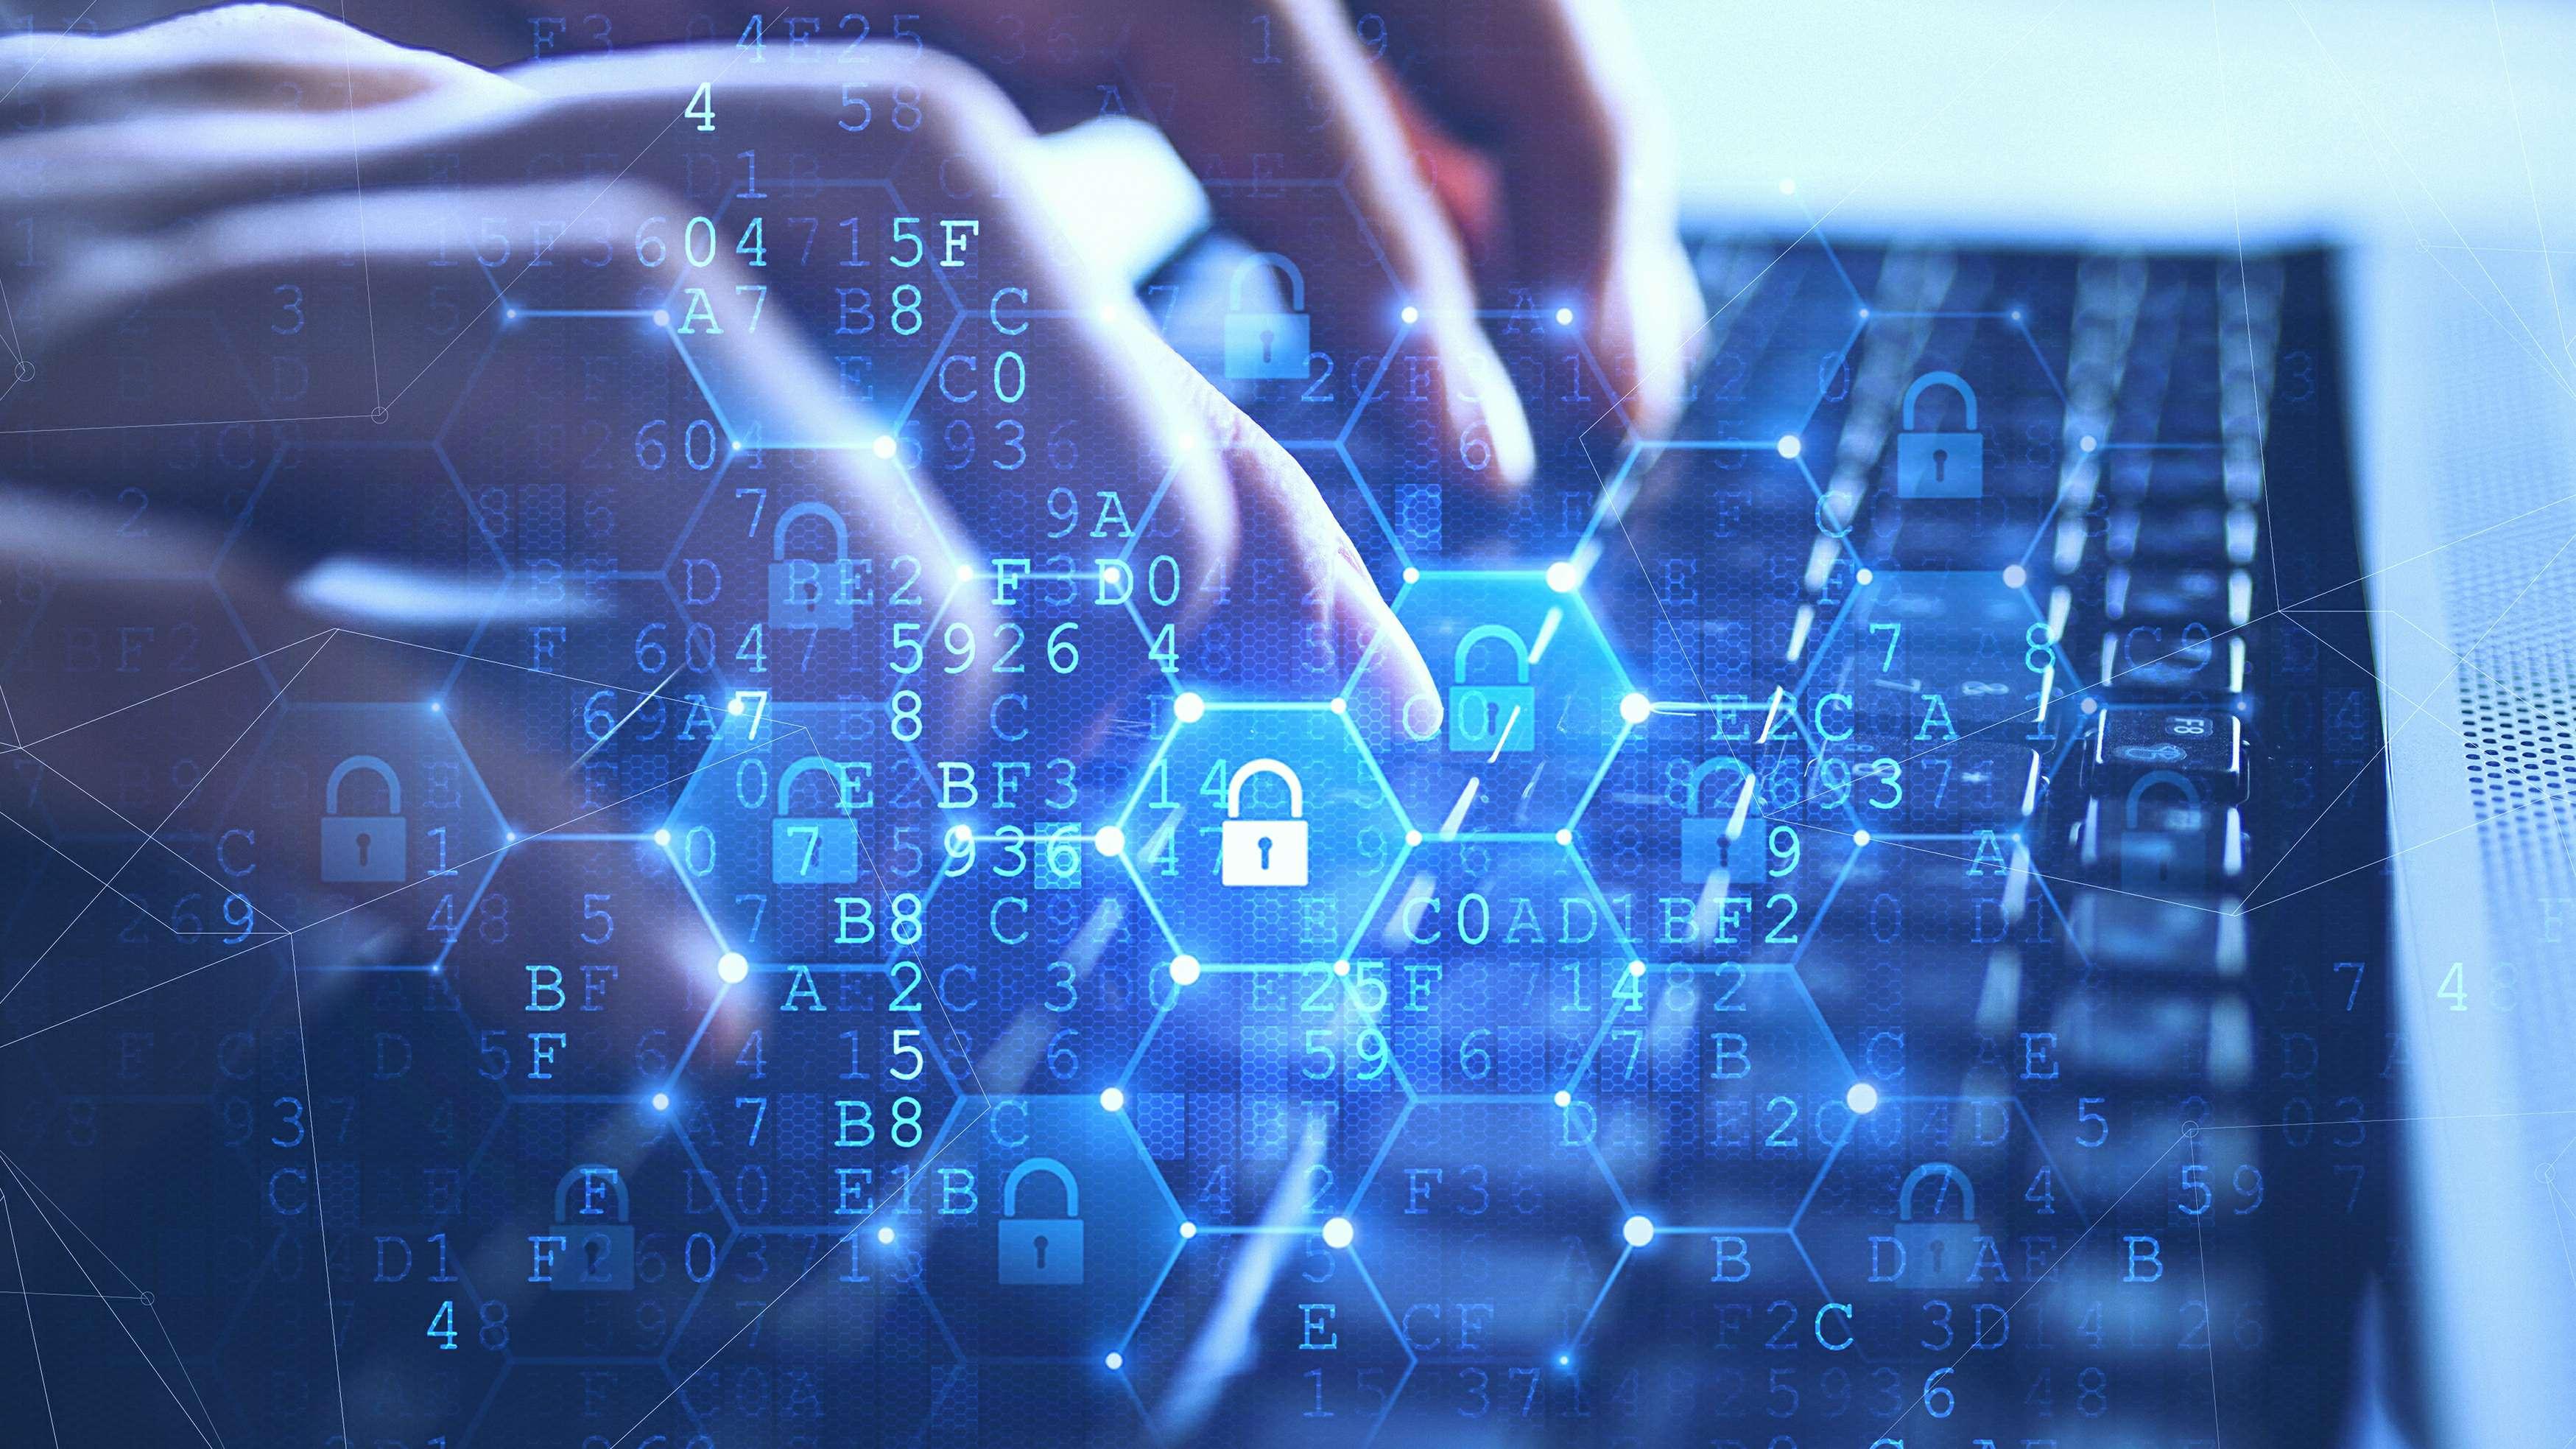 面向未来的大数据安全保护